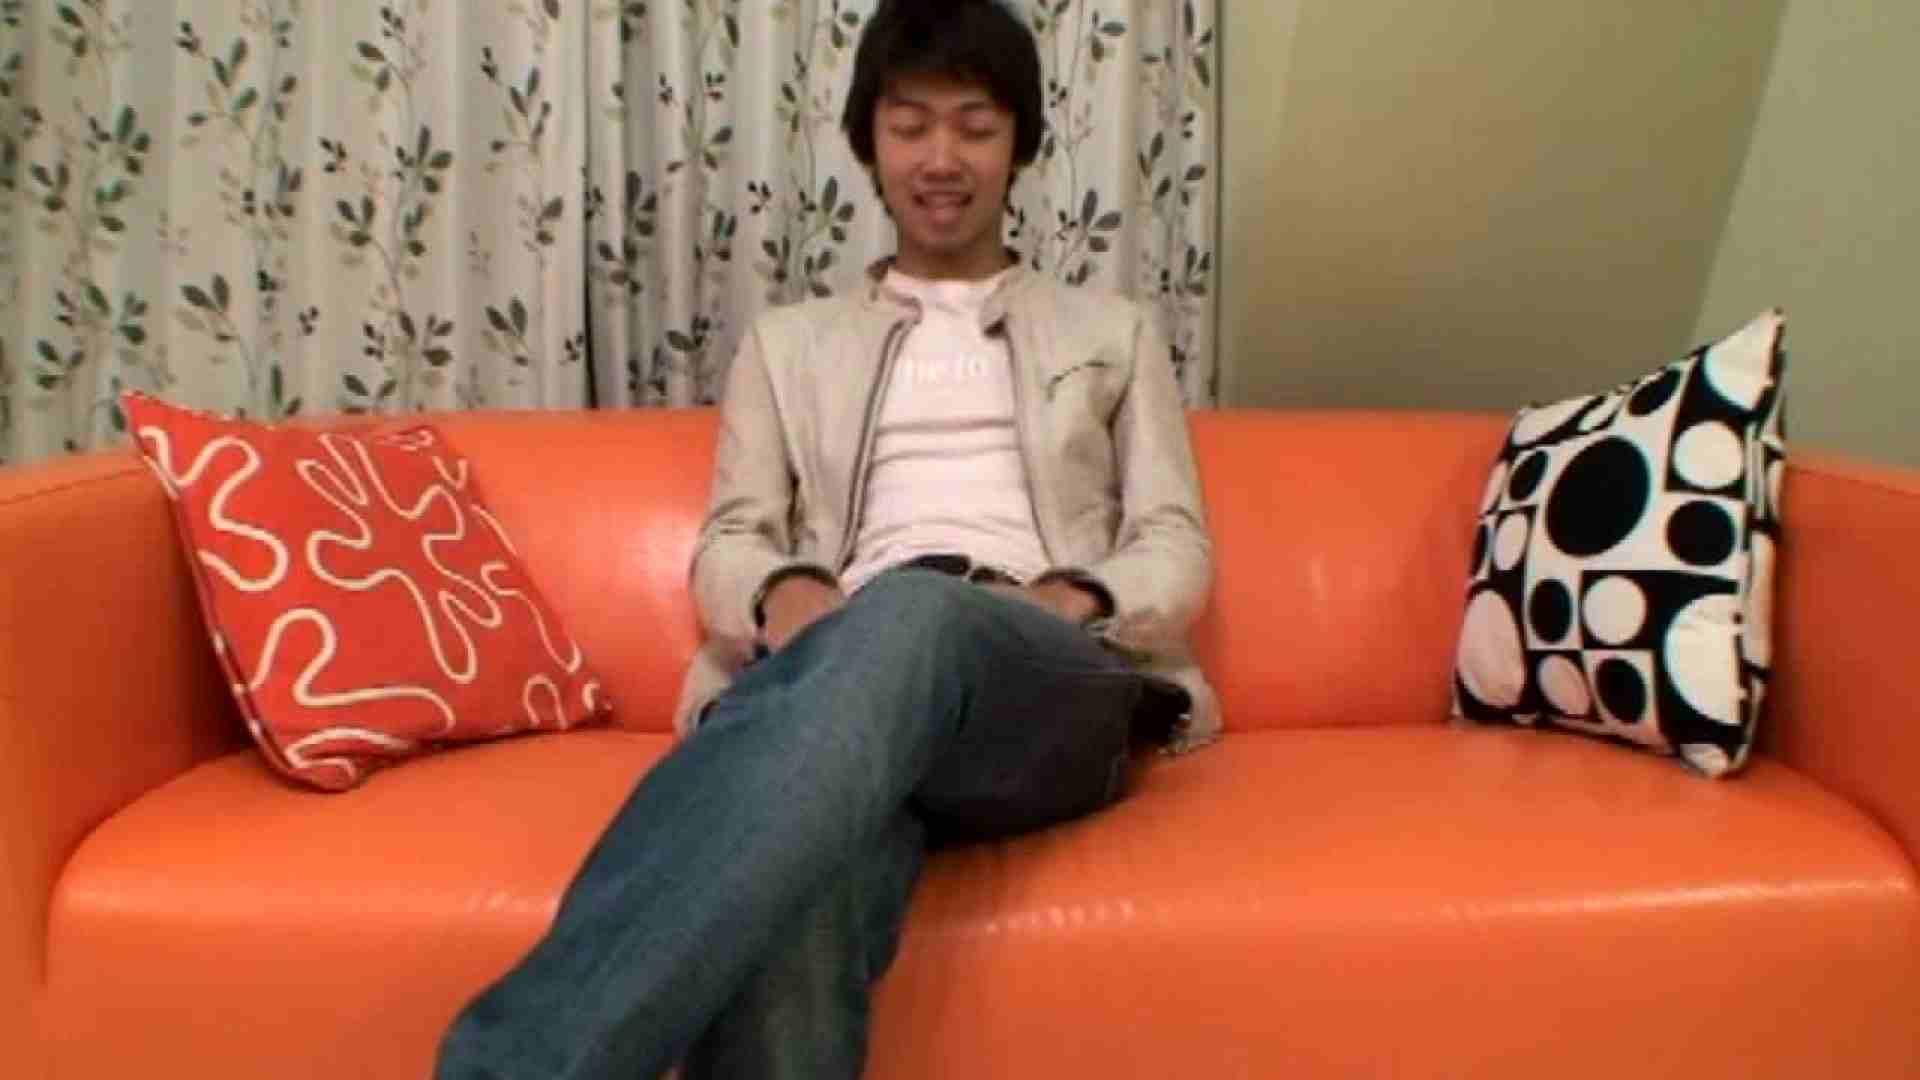 イケメンがいくぜっ!Vol.01 手コキ | イケメンパラダイス AV動画 92pic 3